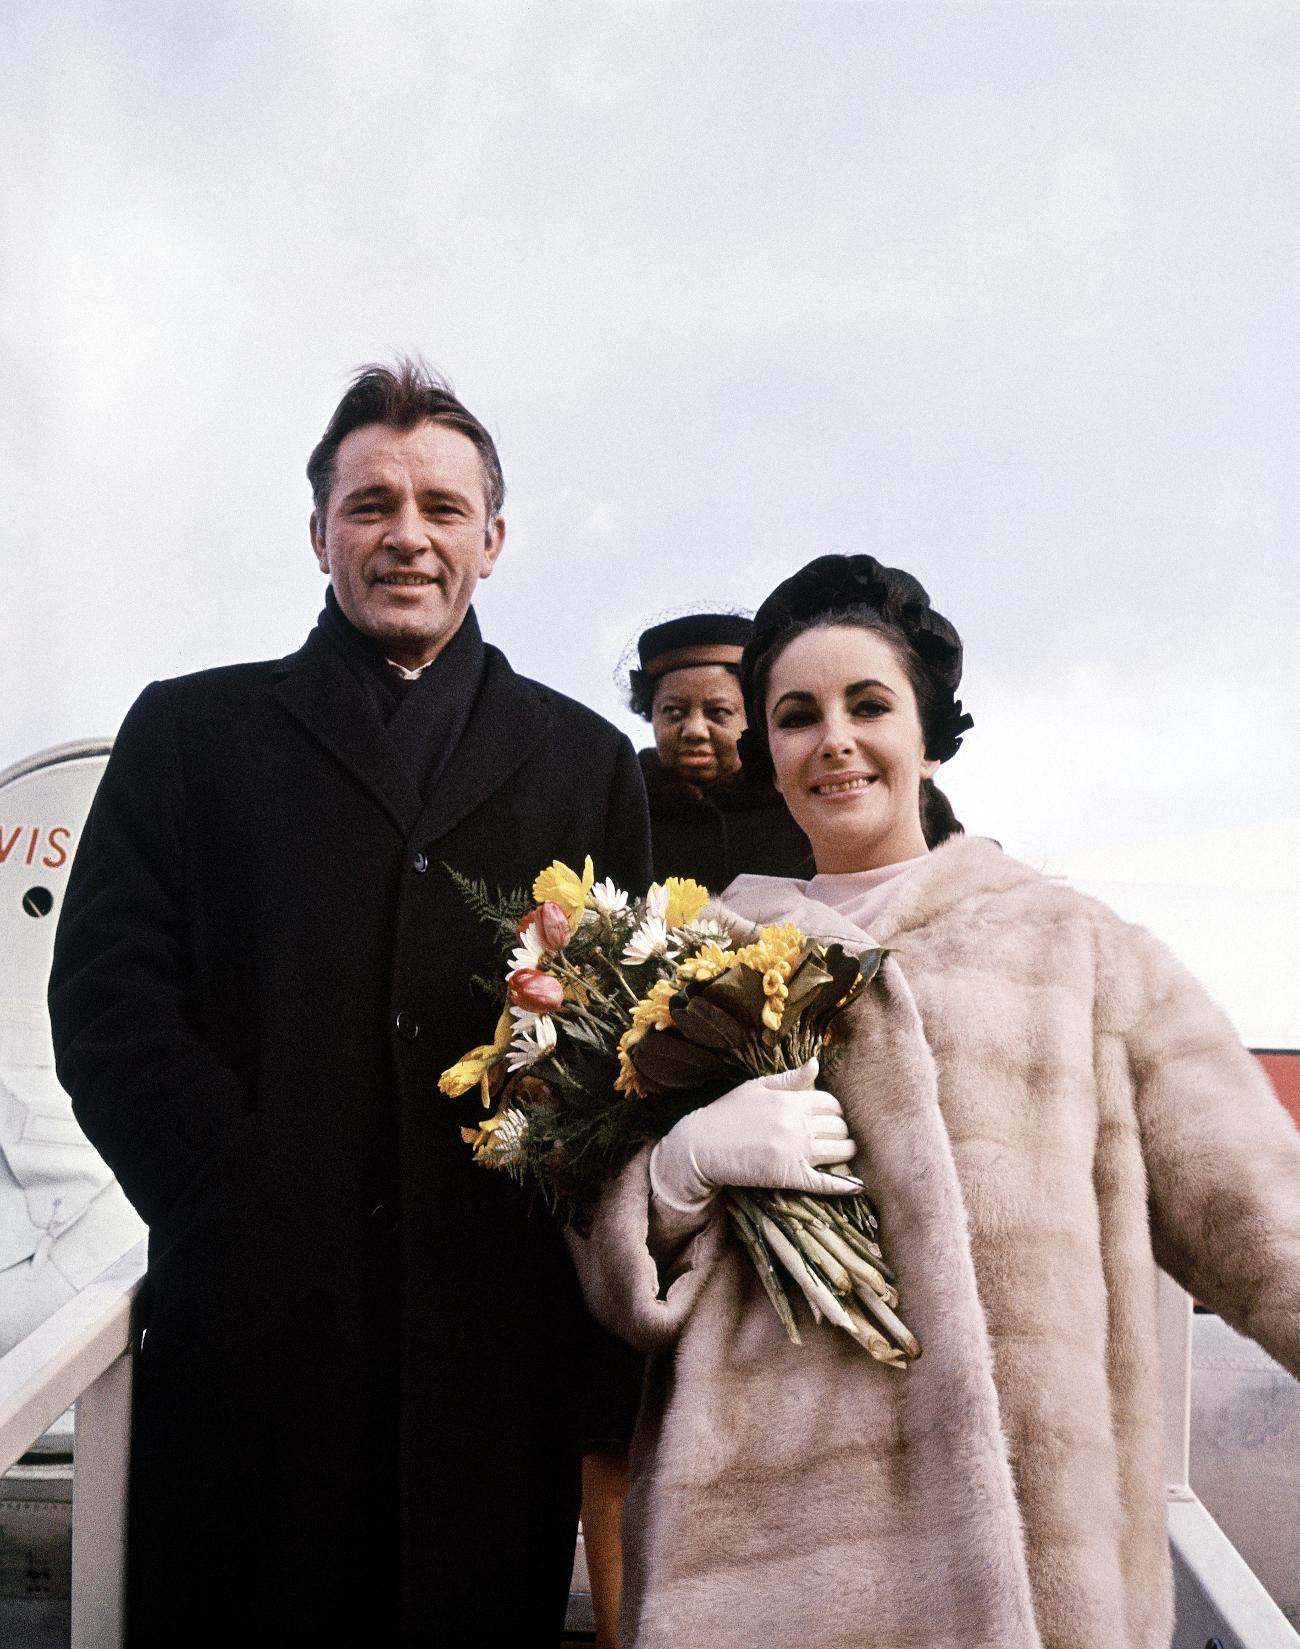 Οι φρεσκοπαντρεμένοι Ρίτσαρντ Μπάρτον και Ελίζαμπεθ Τέιλορ 1964